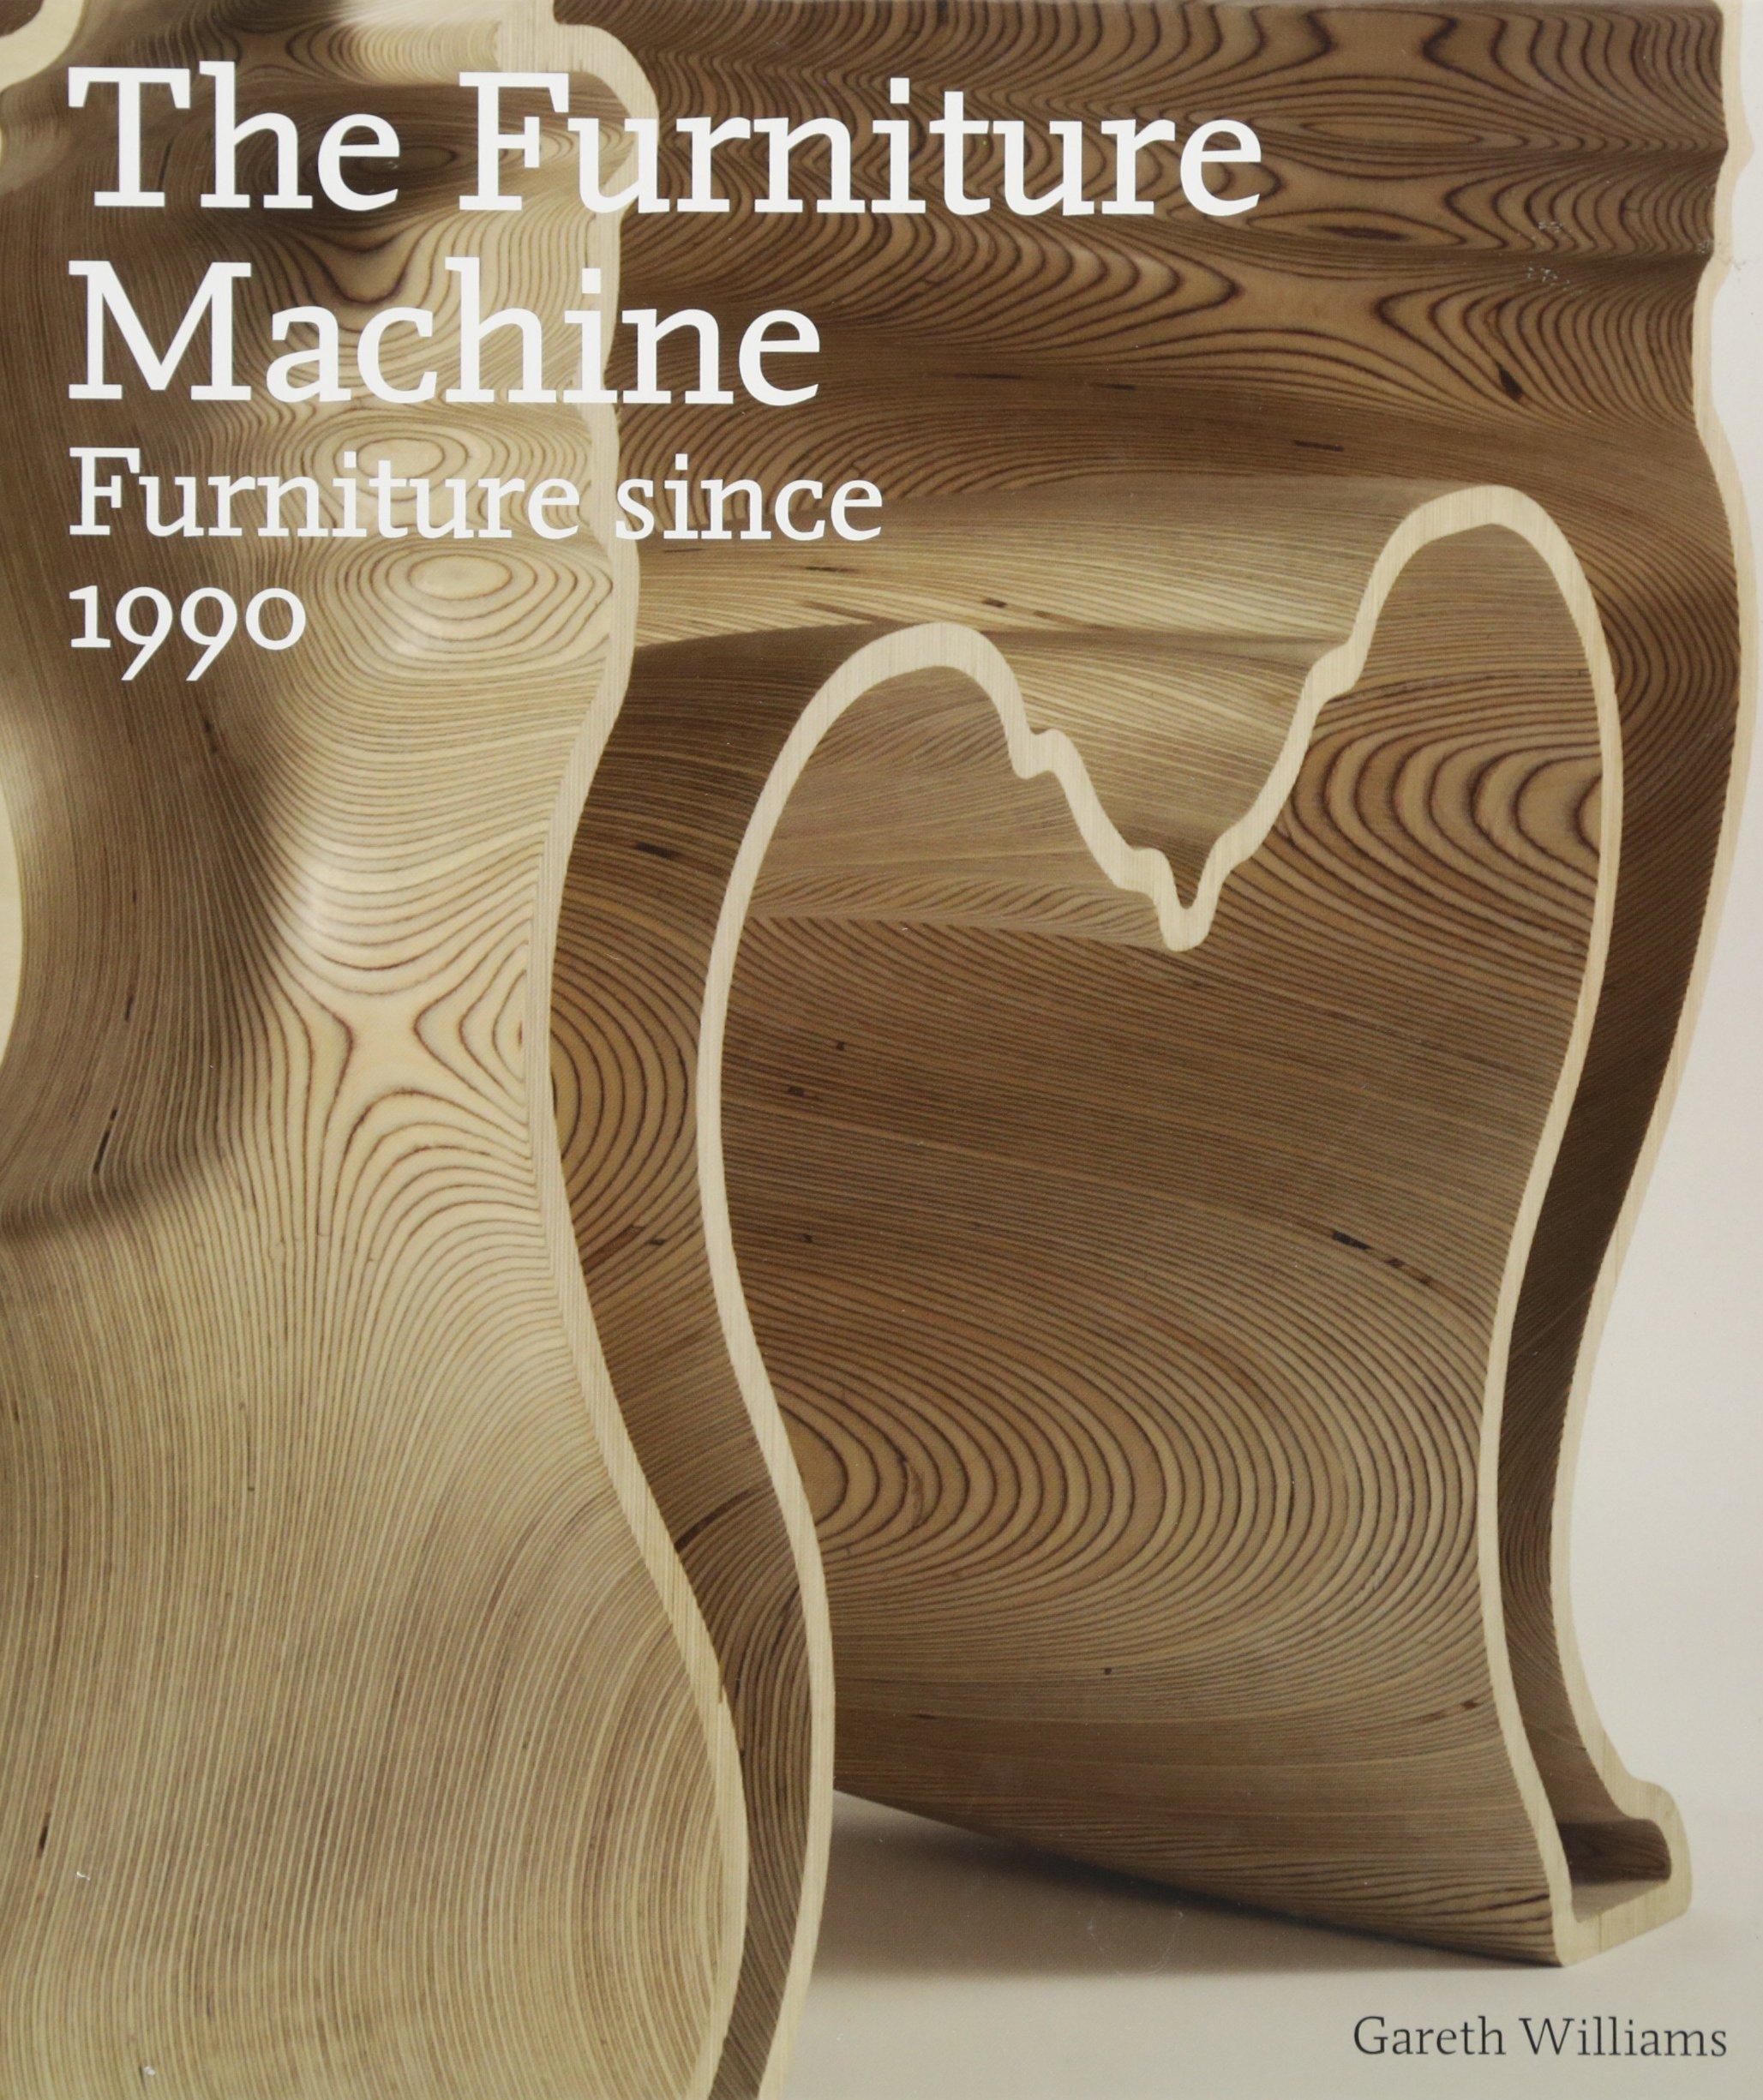 The Furniture Machine: Furniture Since 1990: Gareth Williams ...